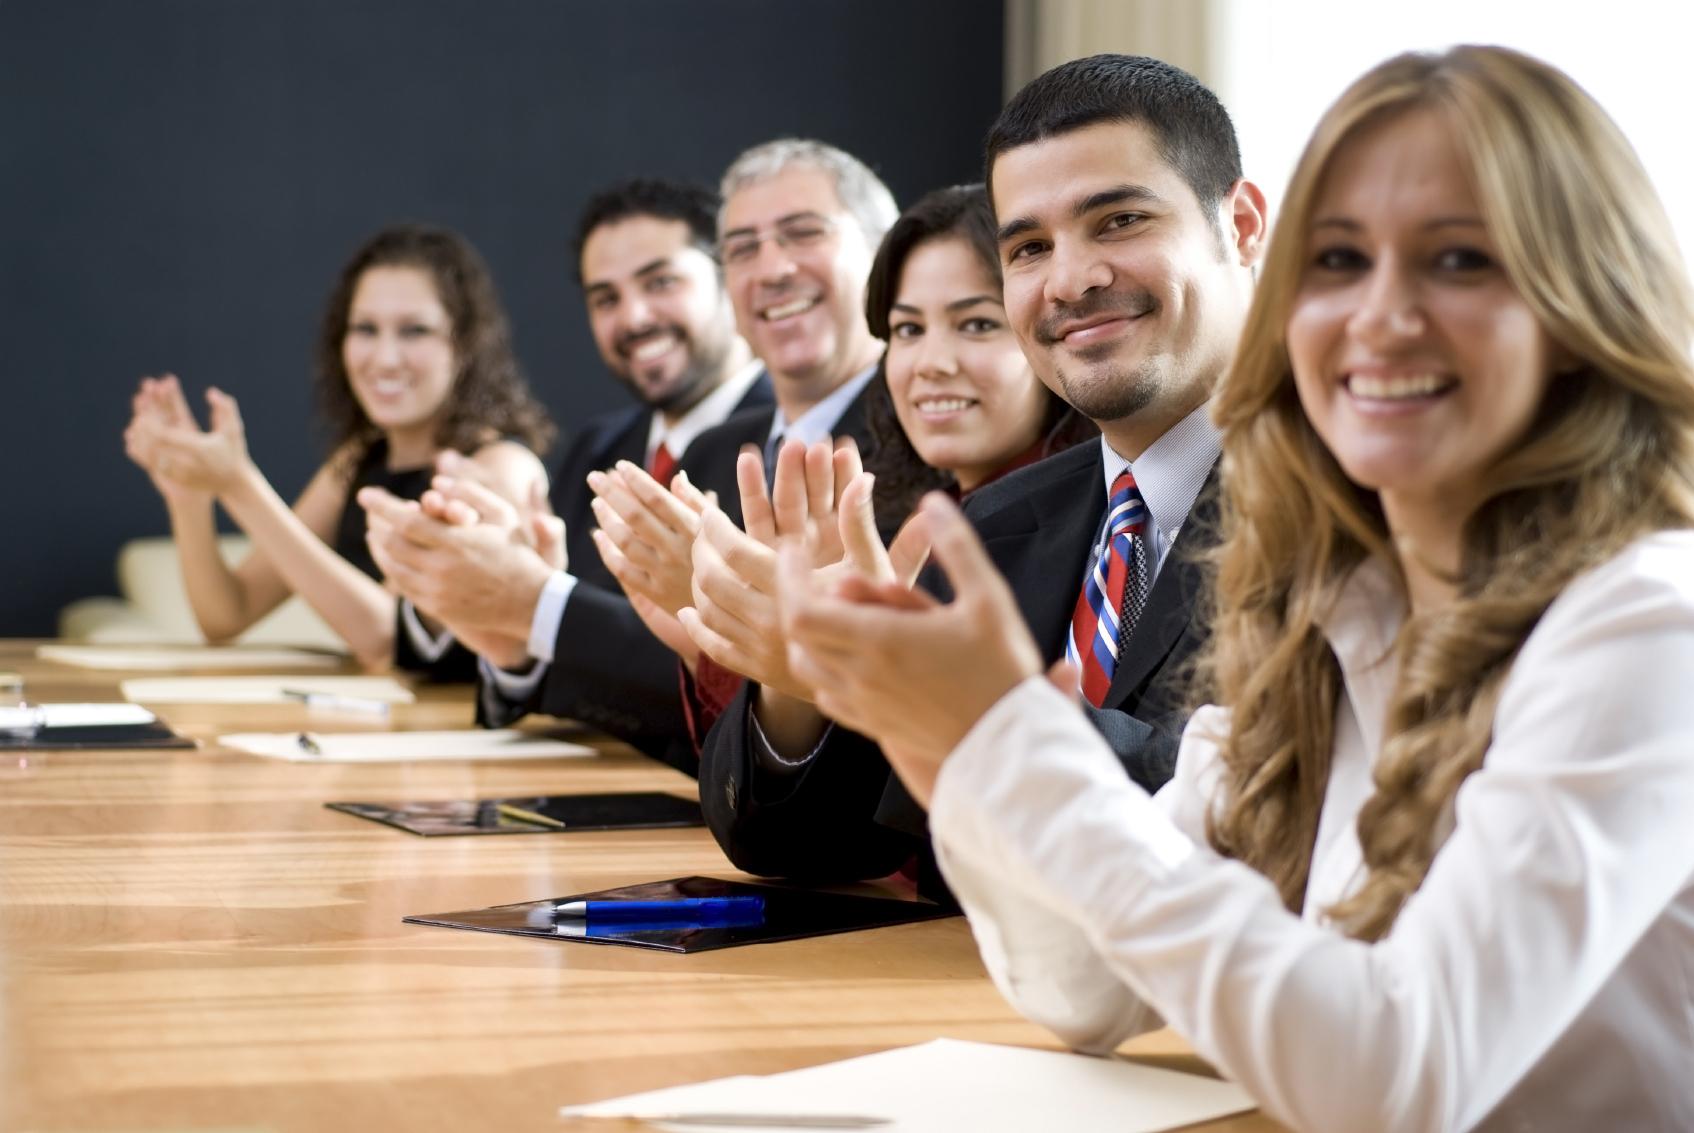 ستة أشياء ناجحة للاجتماعات الفعالة